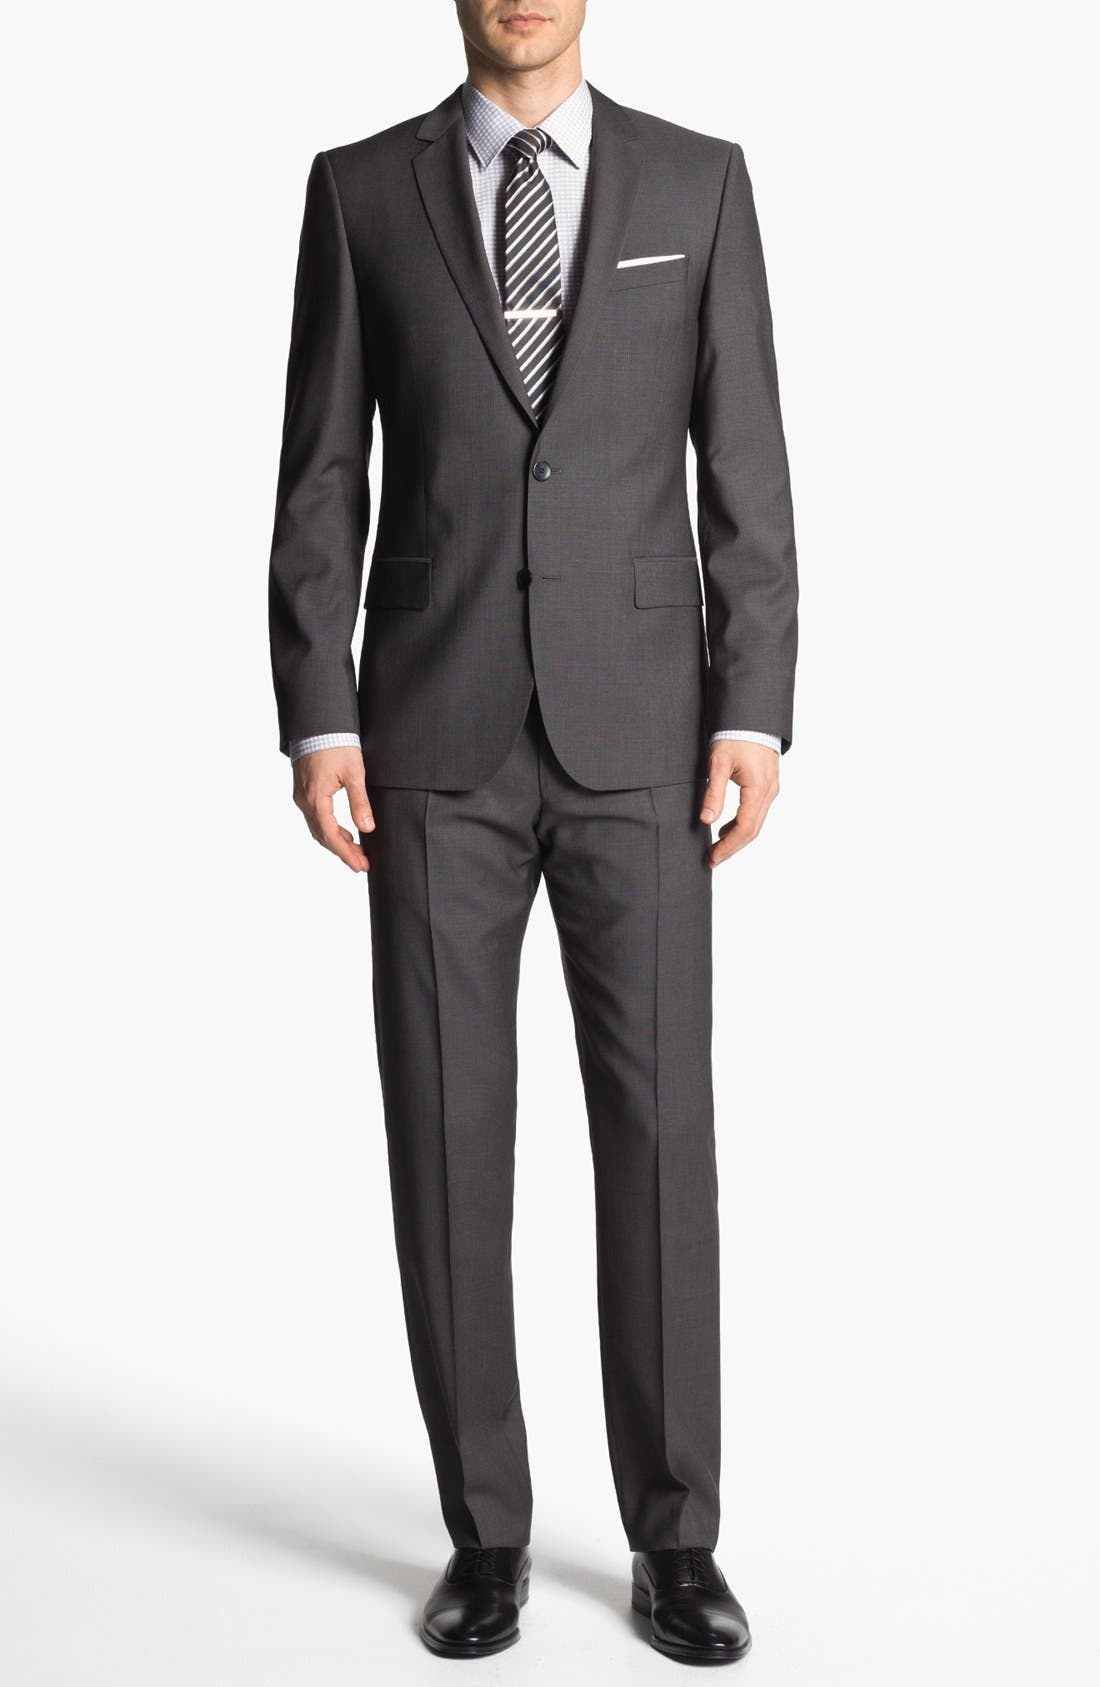 Alternate Image 1 Selected - HUGO 'Amaro/Heise' Trim Fit Wool Suit